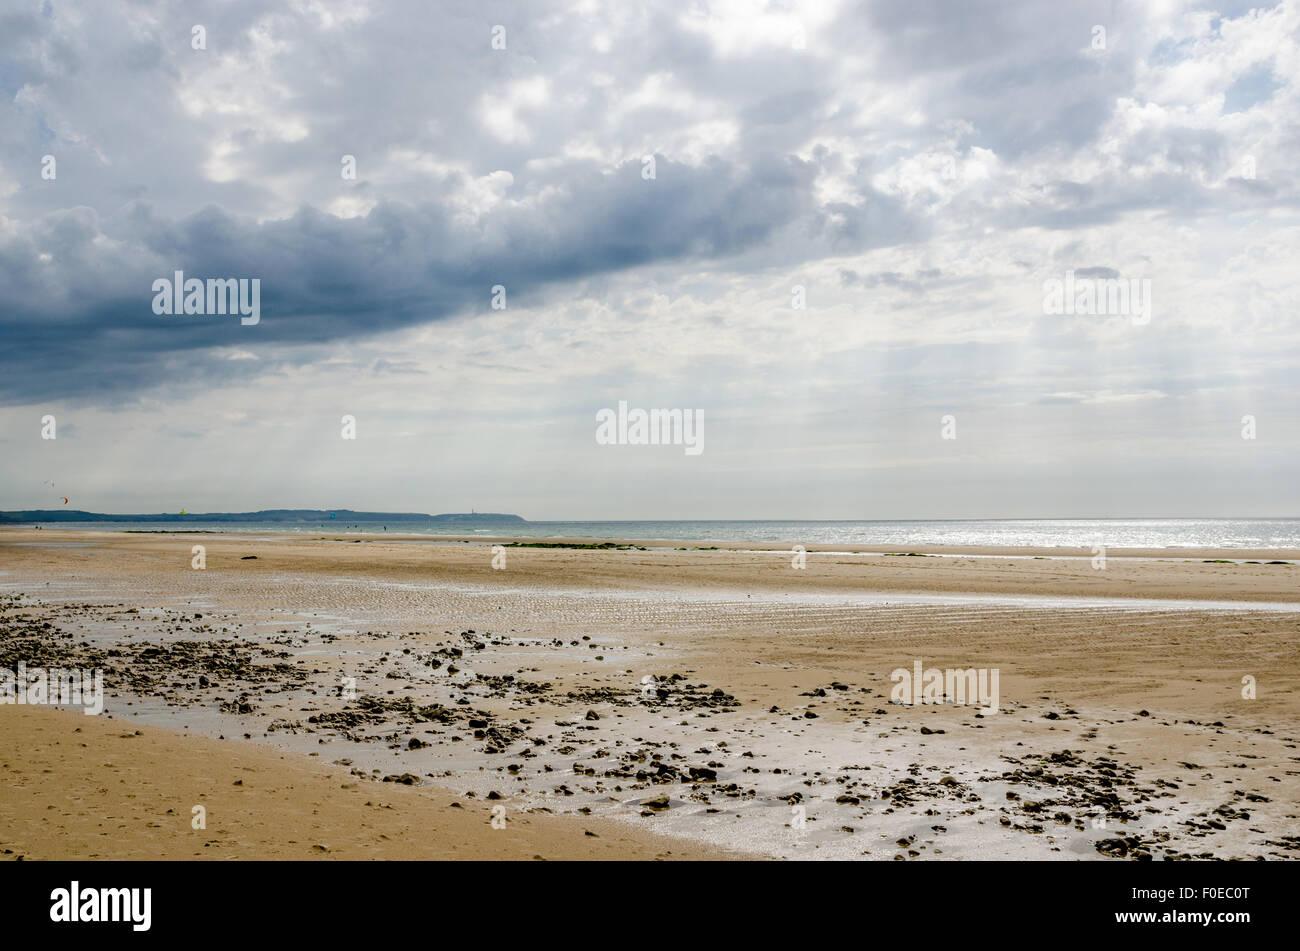 Beach on the 'Cote d'Opale' near Calais, Pas de Calais, France. Parc naturel régional des Caps - Stock Image